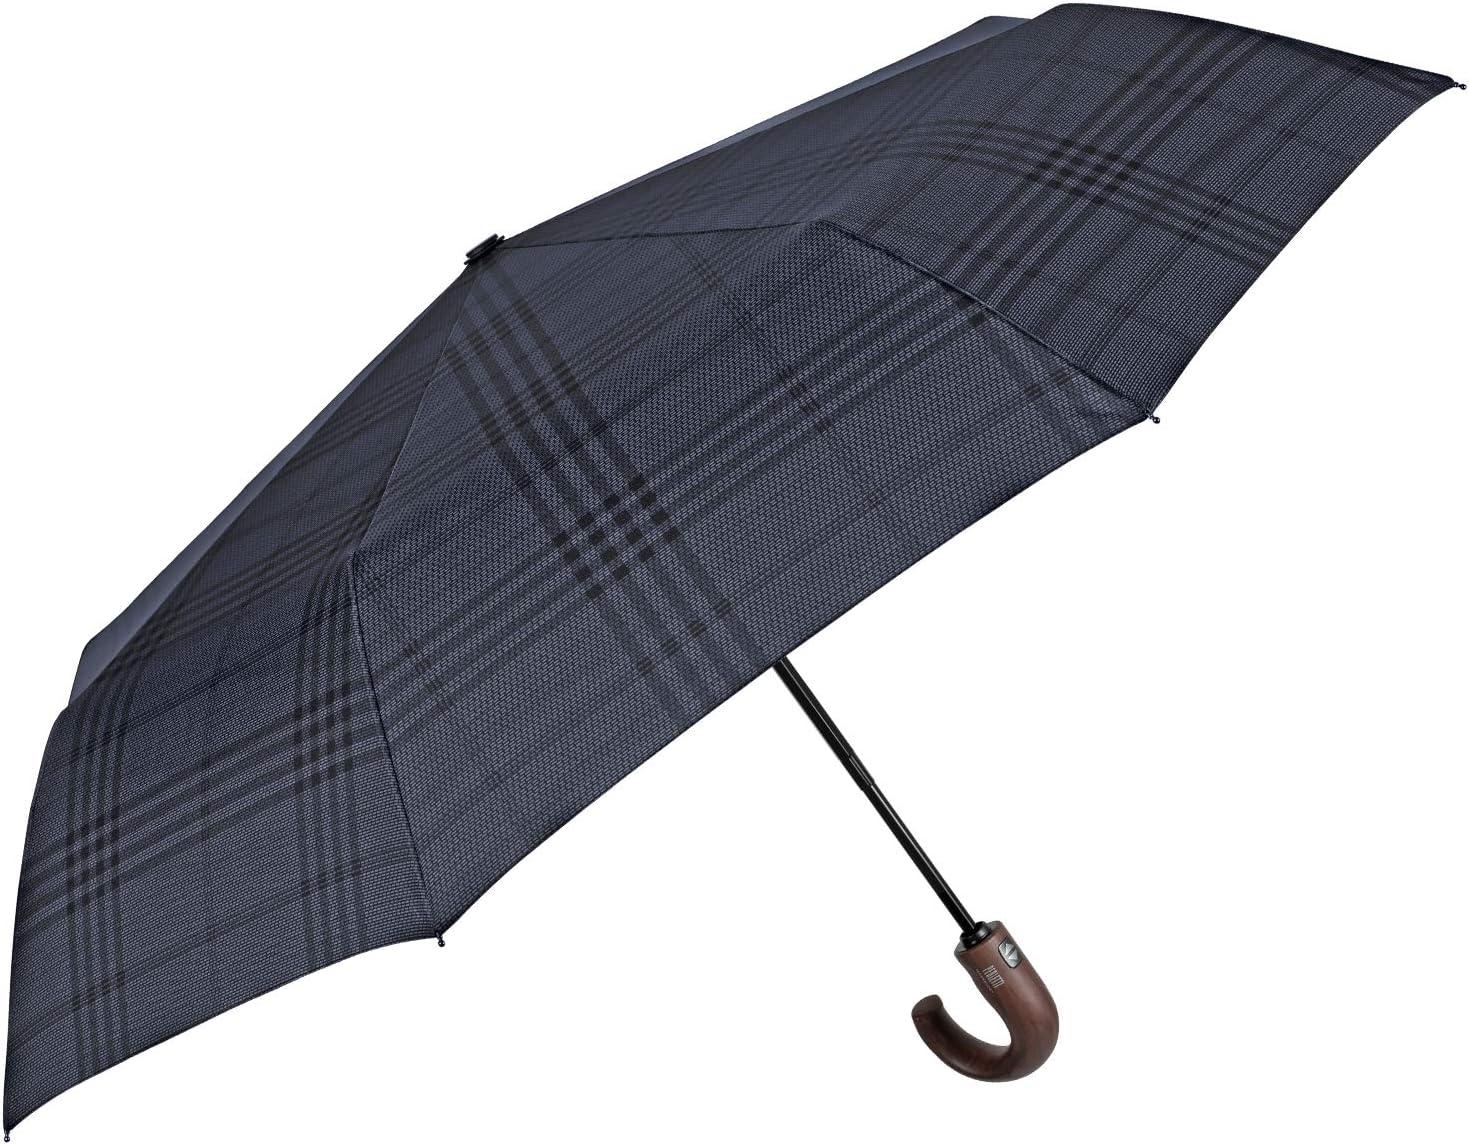 Parapluie Poign/ée Courbe en Bois de Qualit/é PFC Free Perletti Technology Diam/ètre 104 cm Bleu Compact R/ésistant Solid Parapluie Pliant Tartan Homme Ouverture et Fermeture Automatique